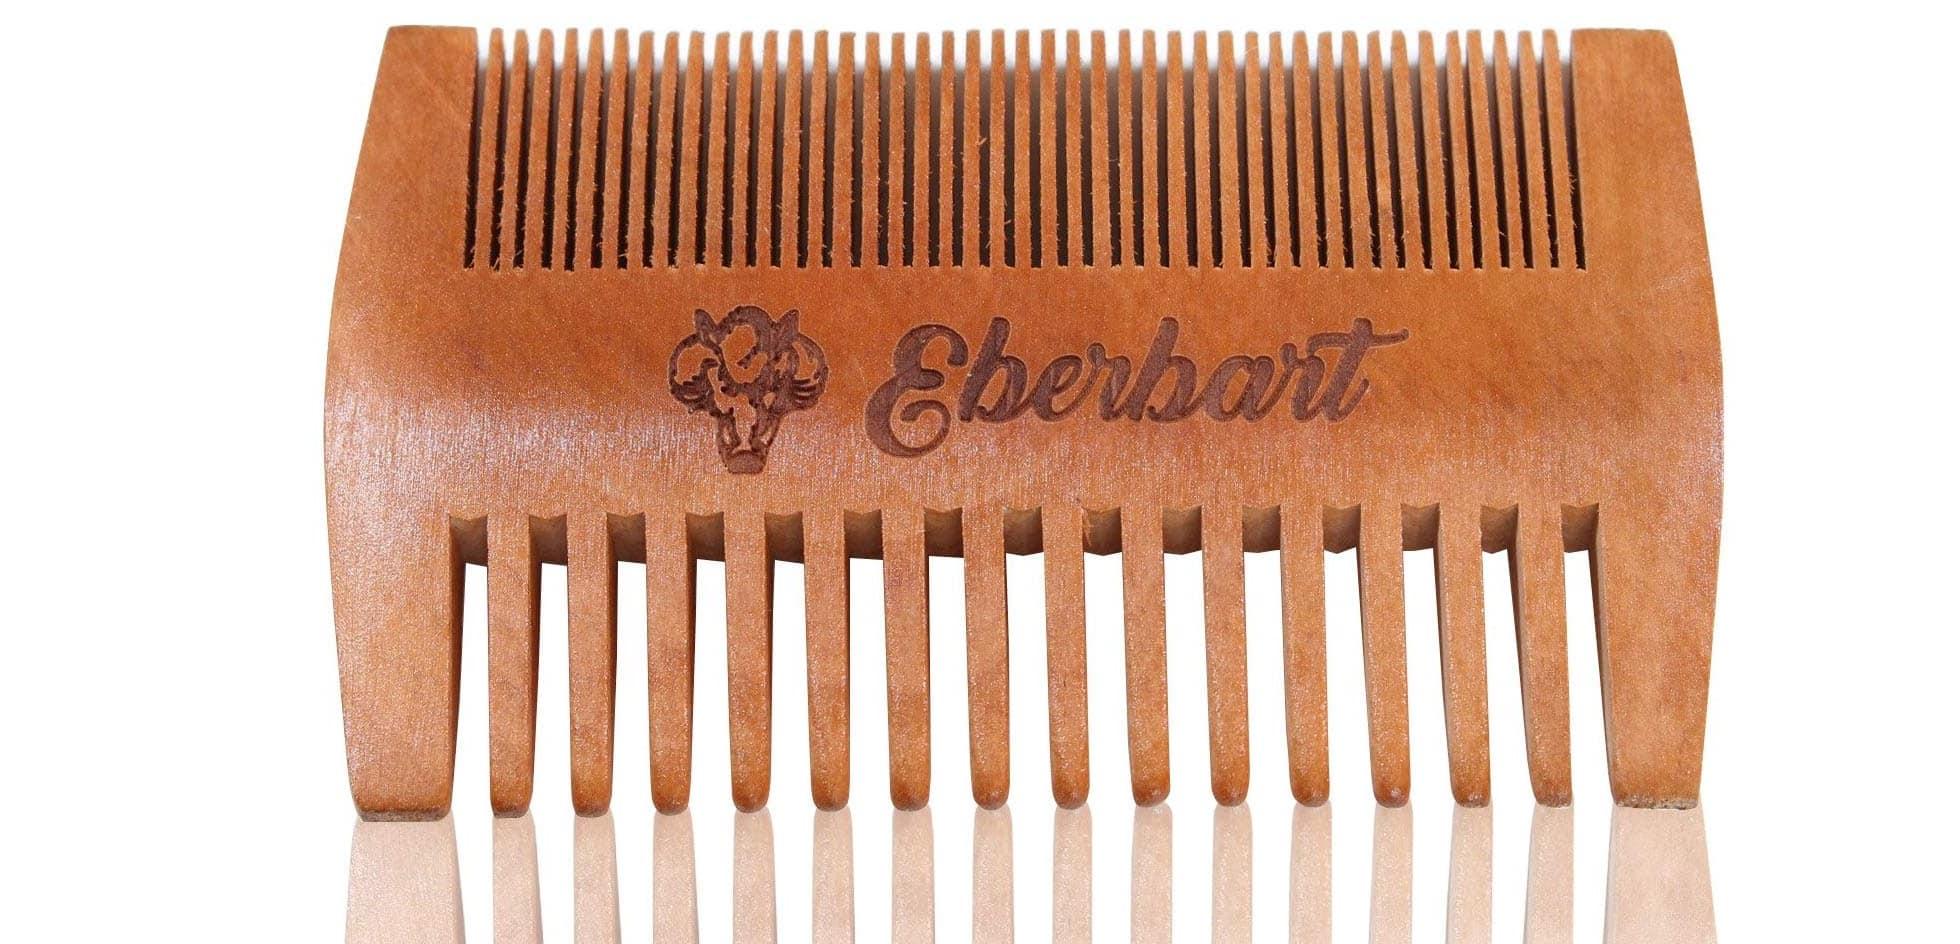 Peigne à barbe en bois de poirier Eberbart